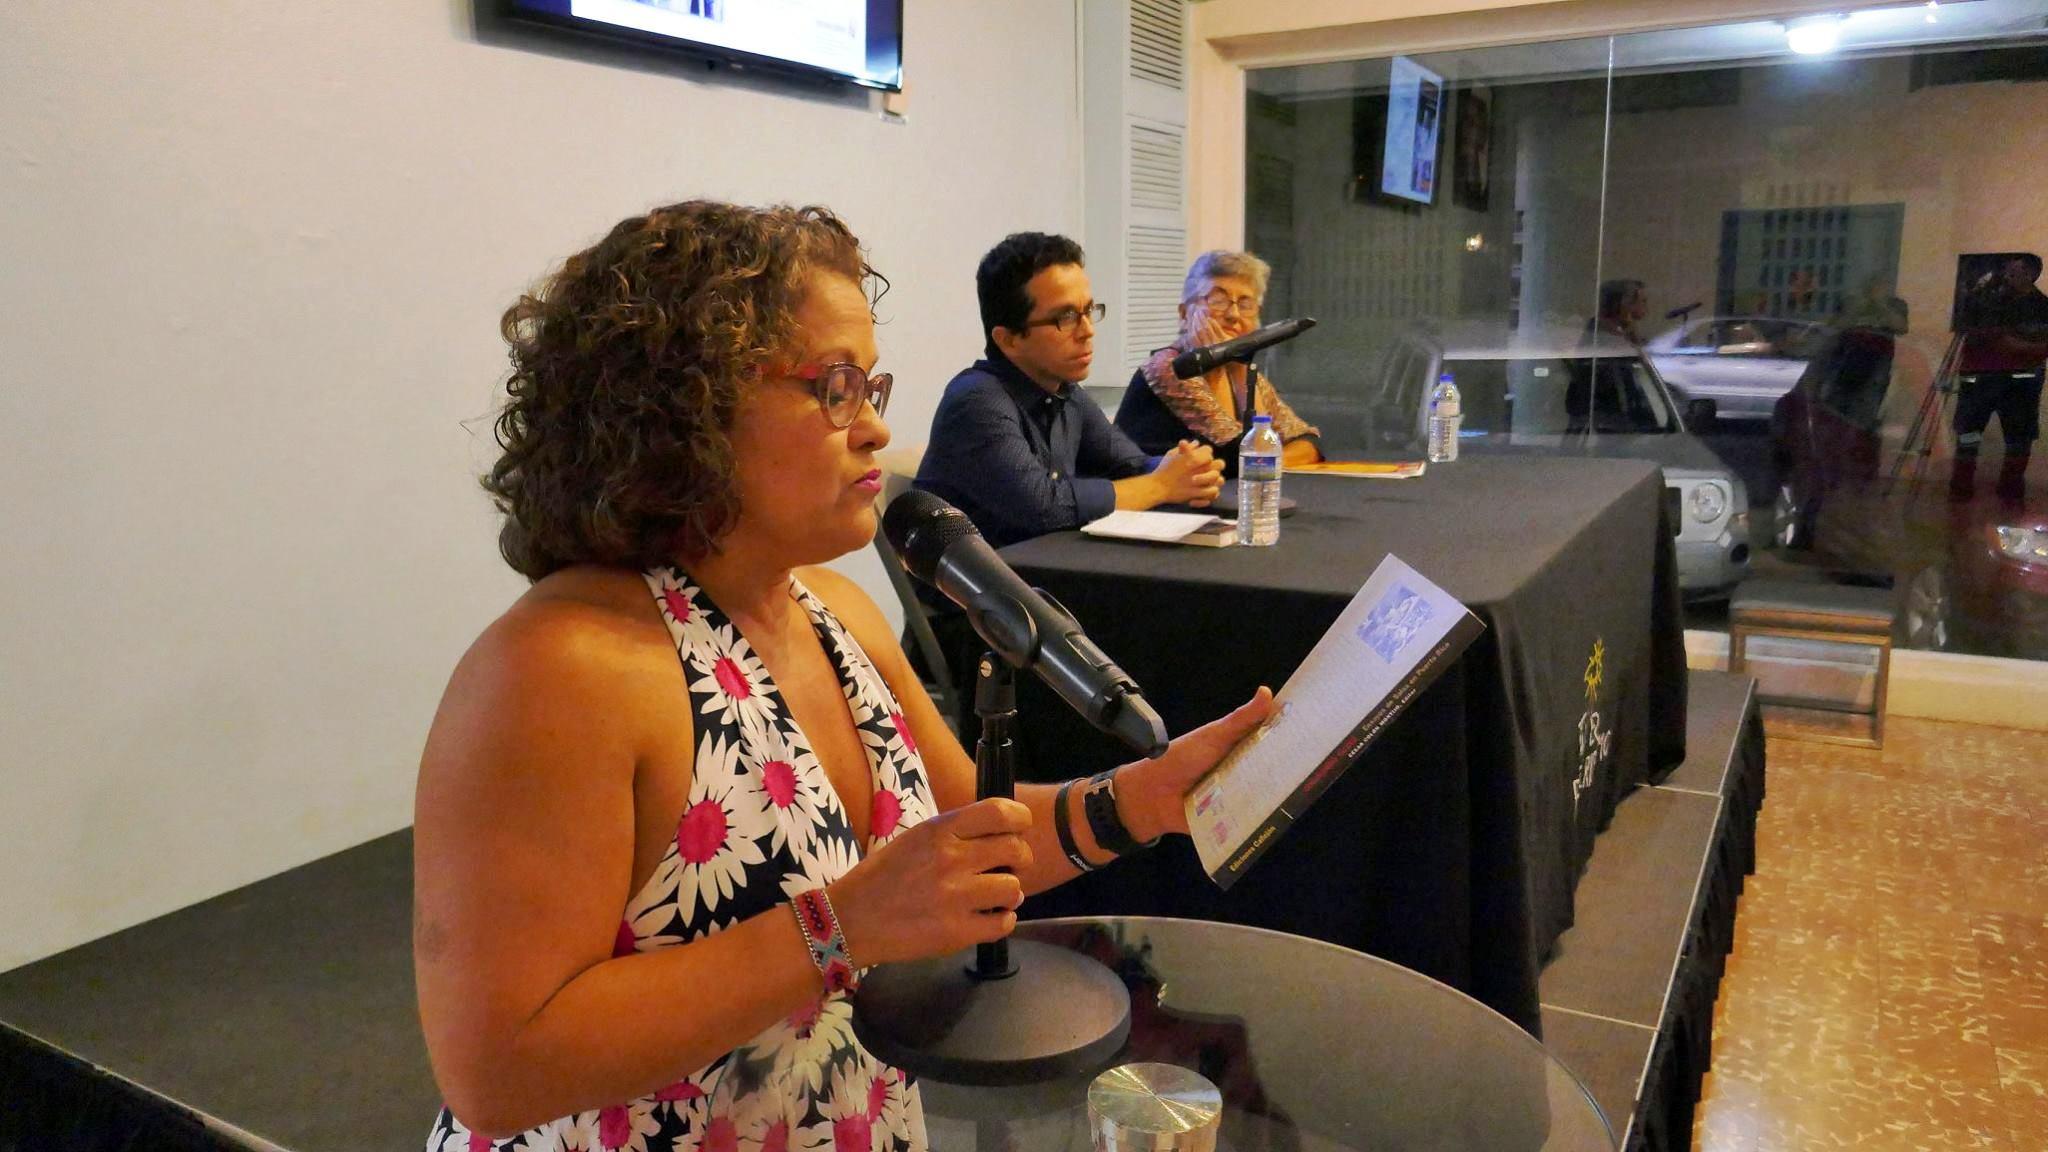 La actriz Magali Carrasquillo fungió como moderadora del lanzamiento mientras Marta Aponte fue presentadora de la publicación editada por César Colón Montijo. (Foto Doel Vázquez)